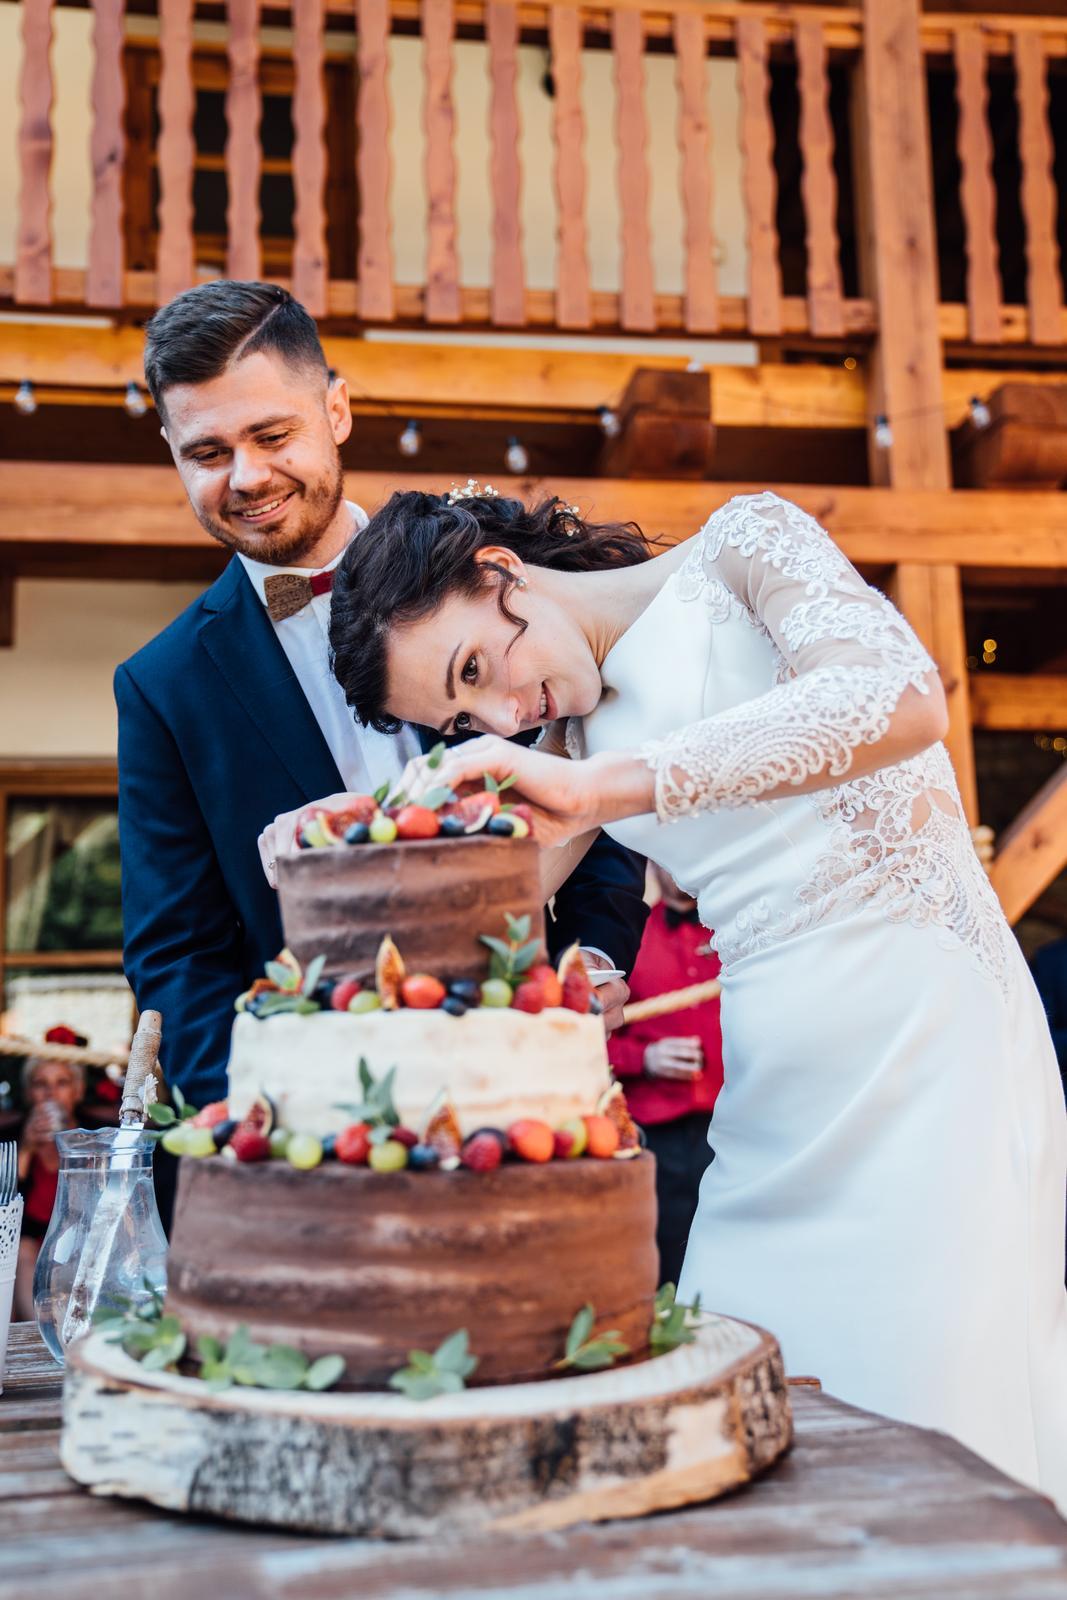 Kateřina & Tomáš (Podzimní svatba 2019) - Obrázek č. 19